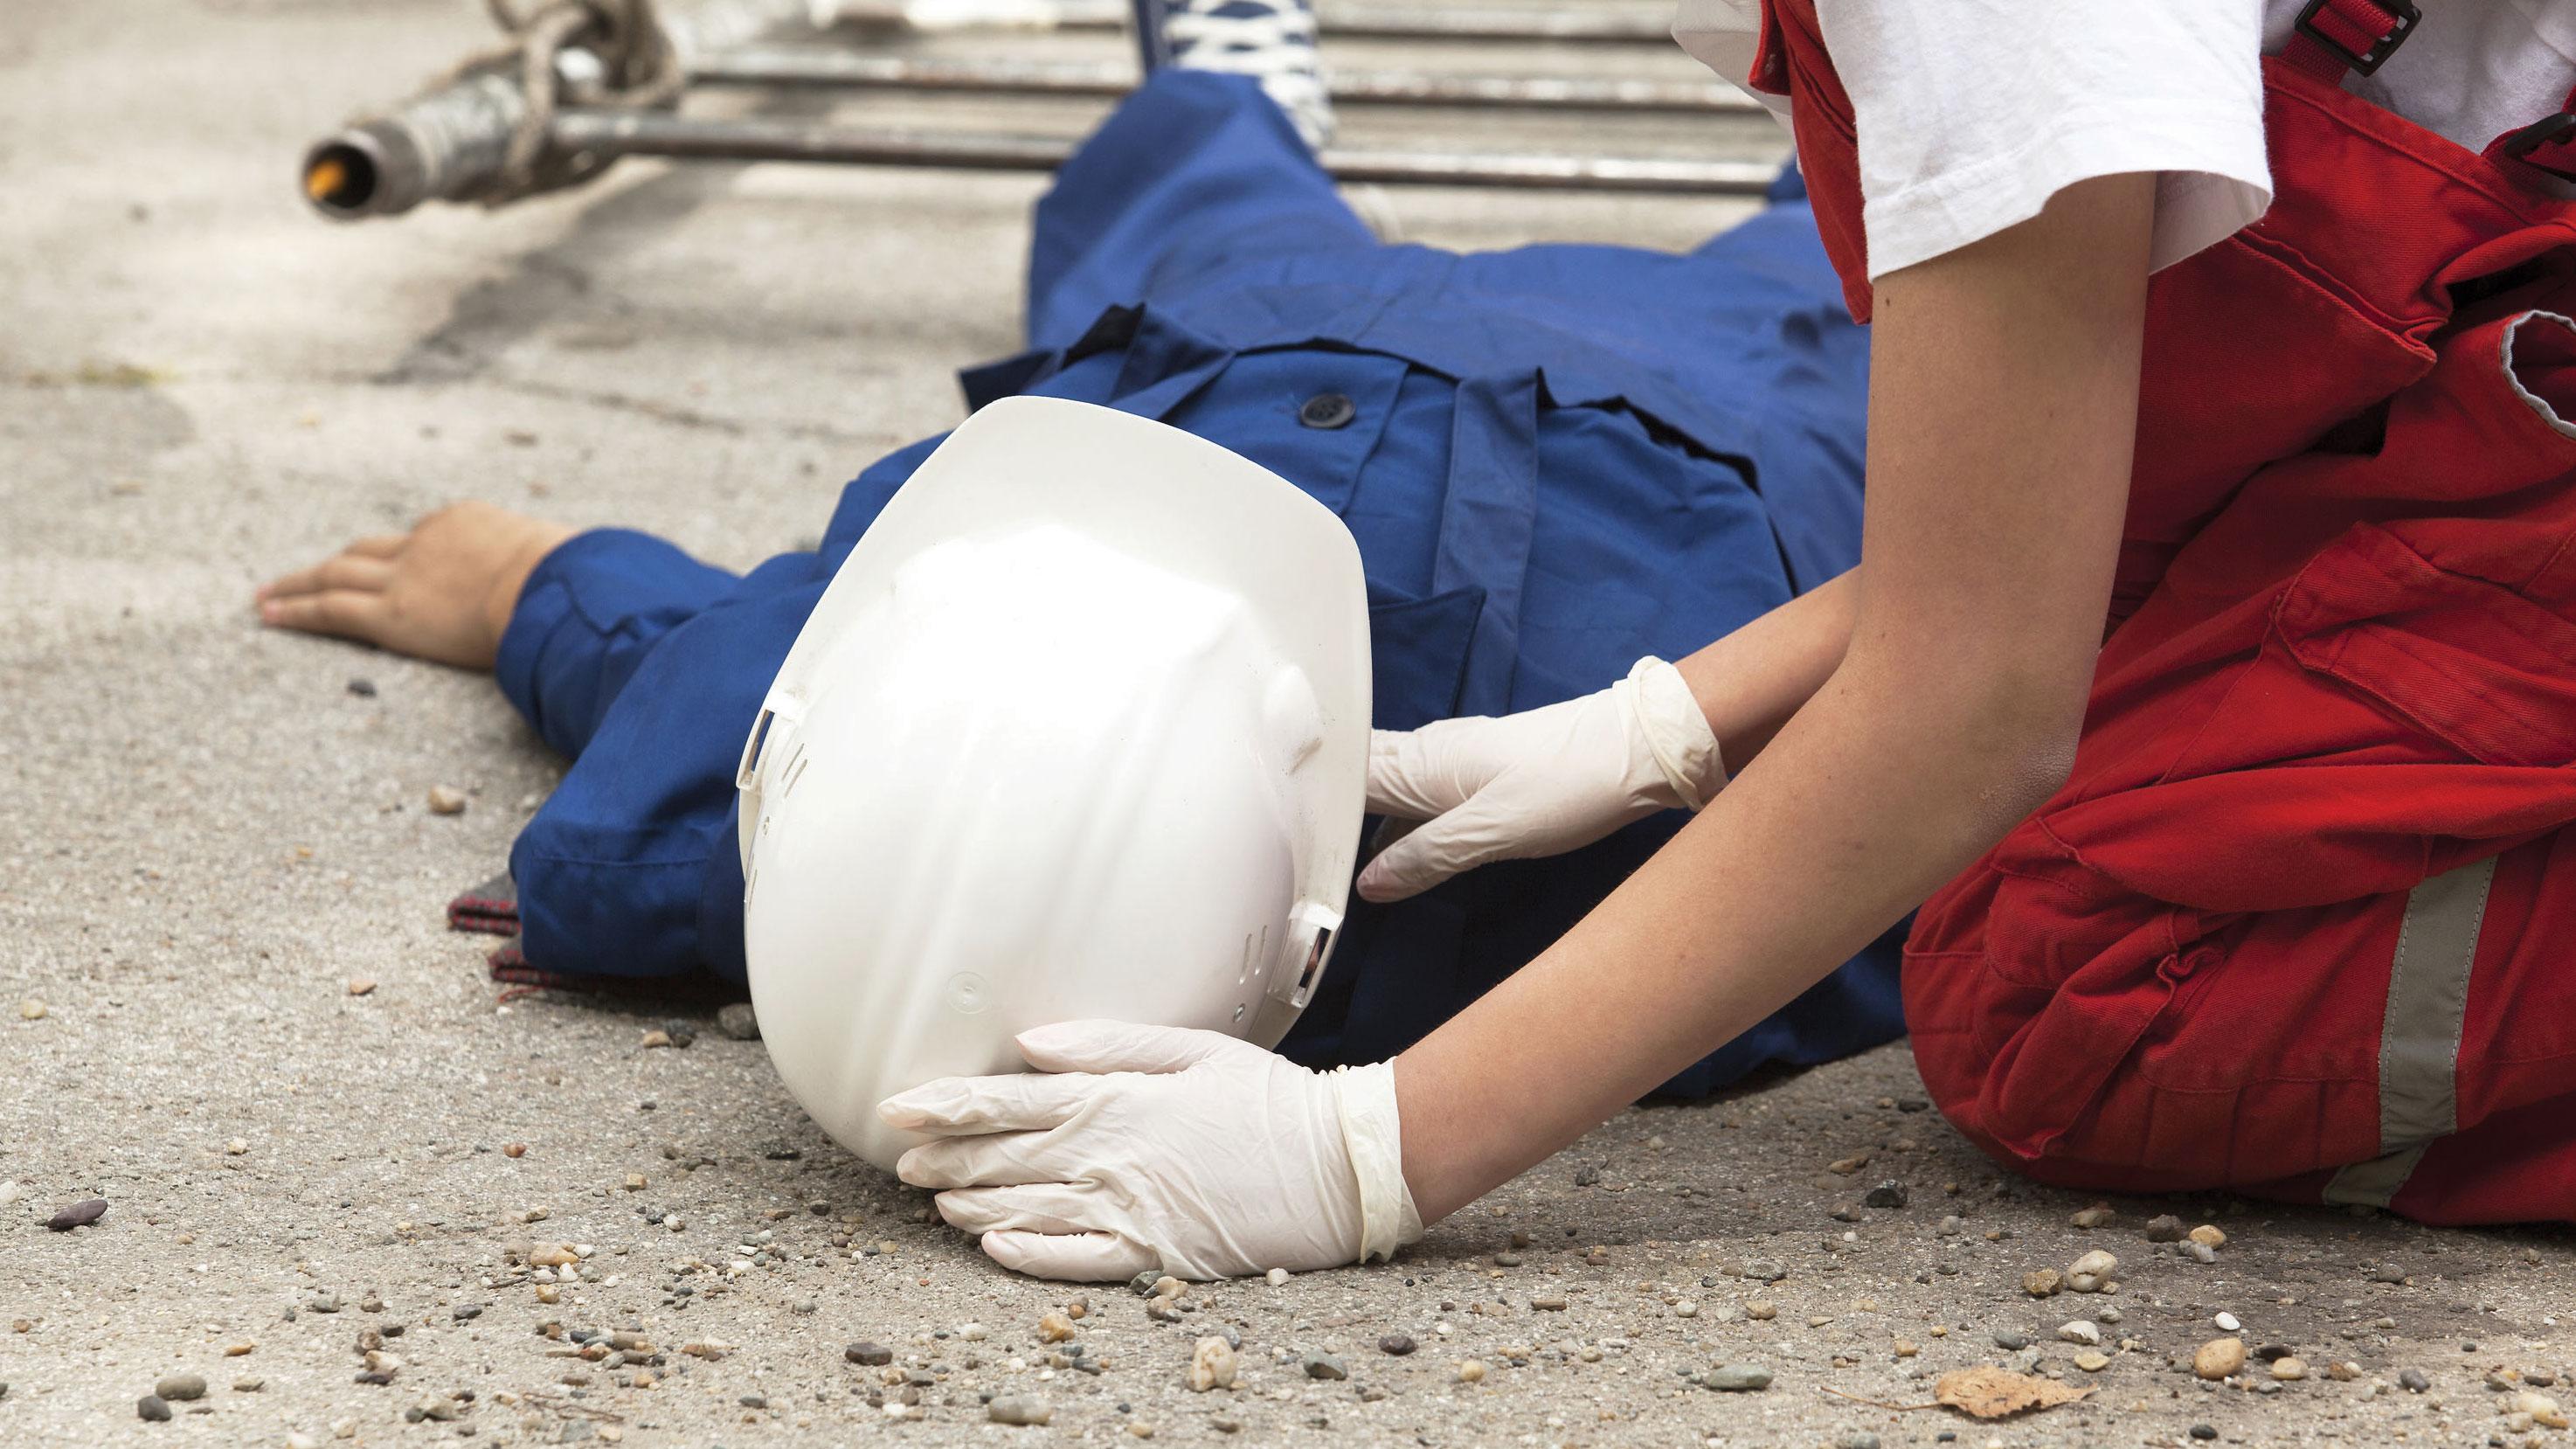 Identificarea, evaluarea si gestionarea riscurilor de accidentare